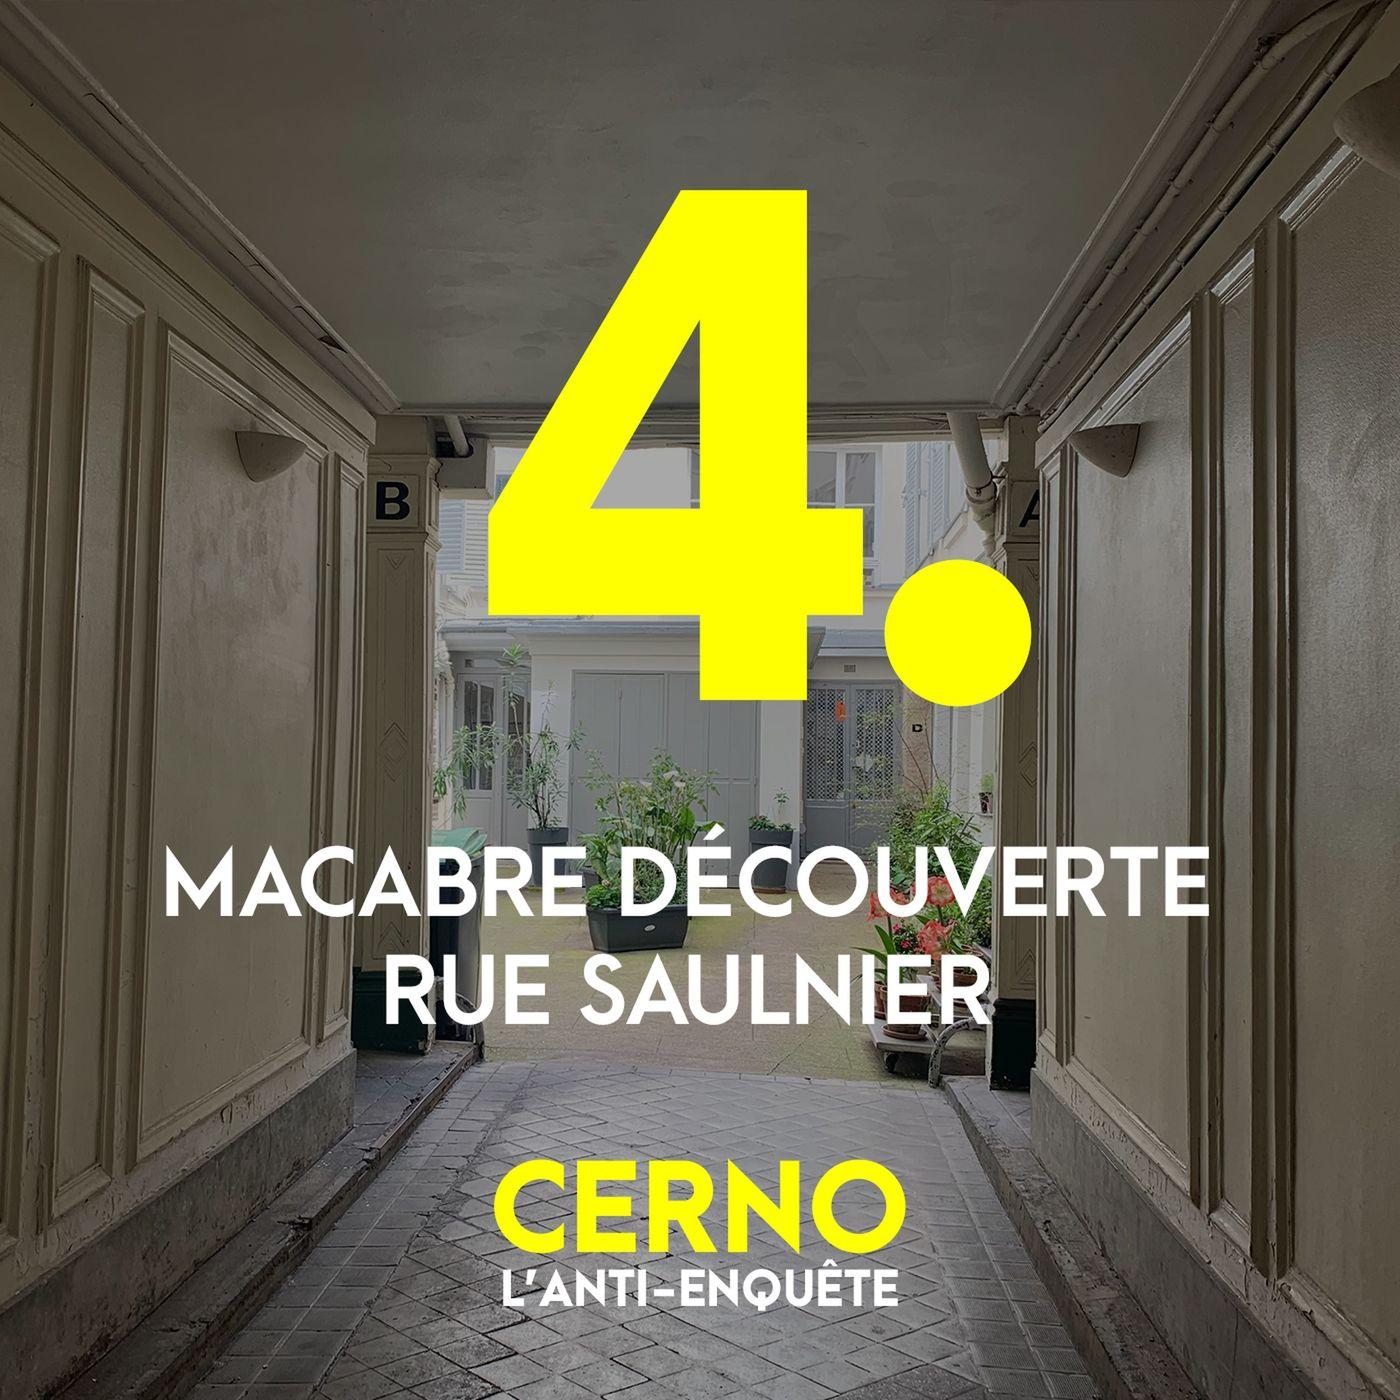 Episode 4 : Macabre découverte rue Saulnier